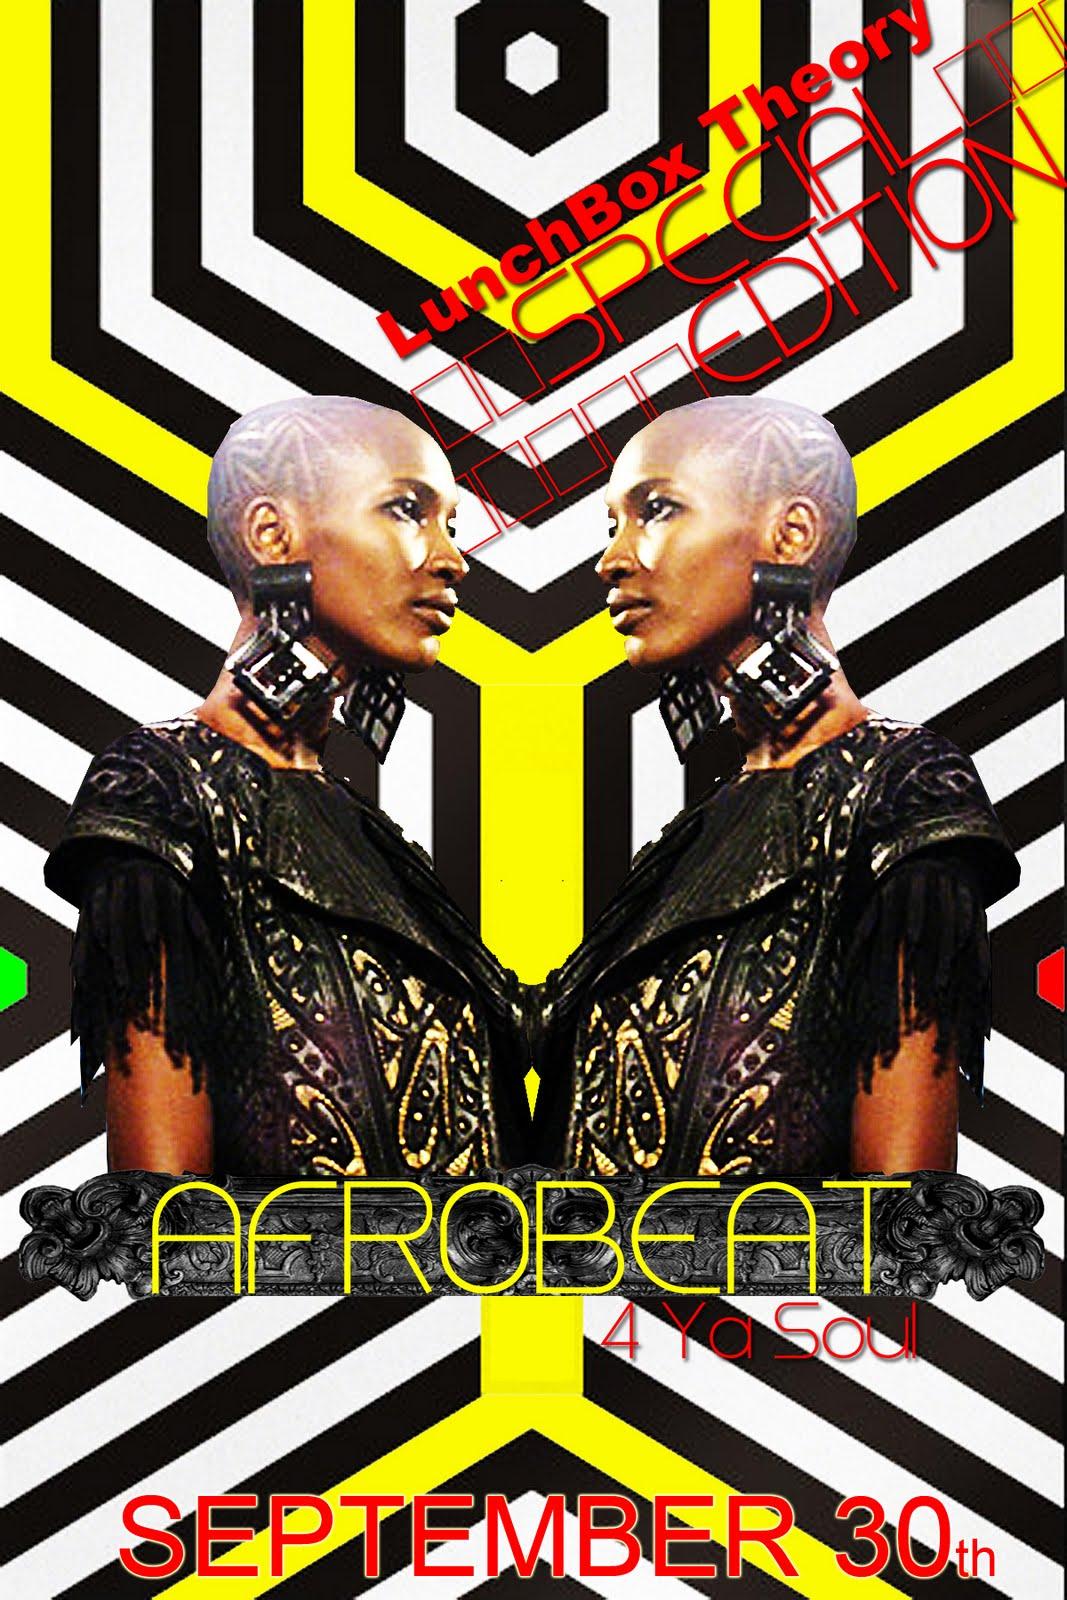 http://1.bp.blogspot.com/_lZ14nLCBlW0/TIB1ZJVaSrI/AAAAAAAACRc/fo-F7LmcU1E/s1600/afrofront.jpg